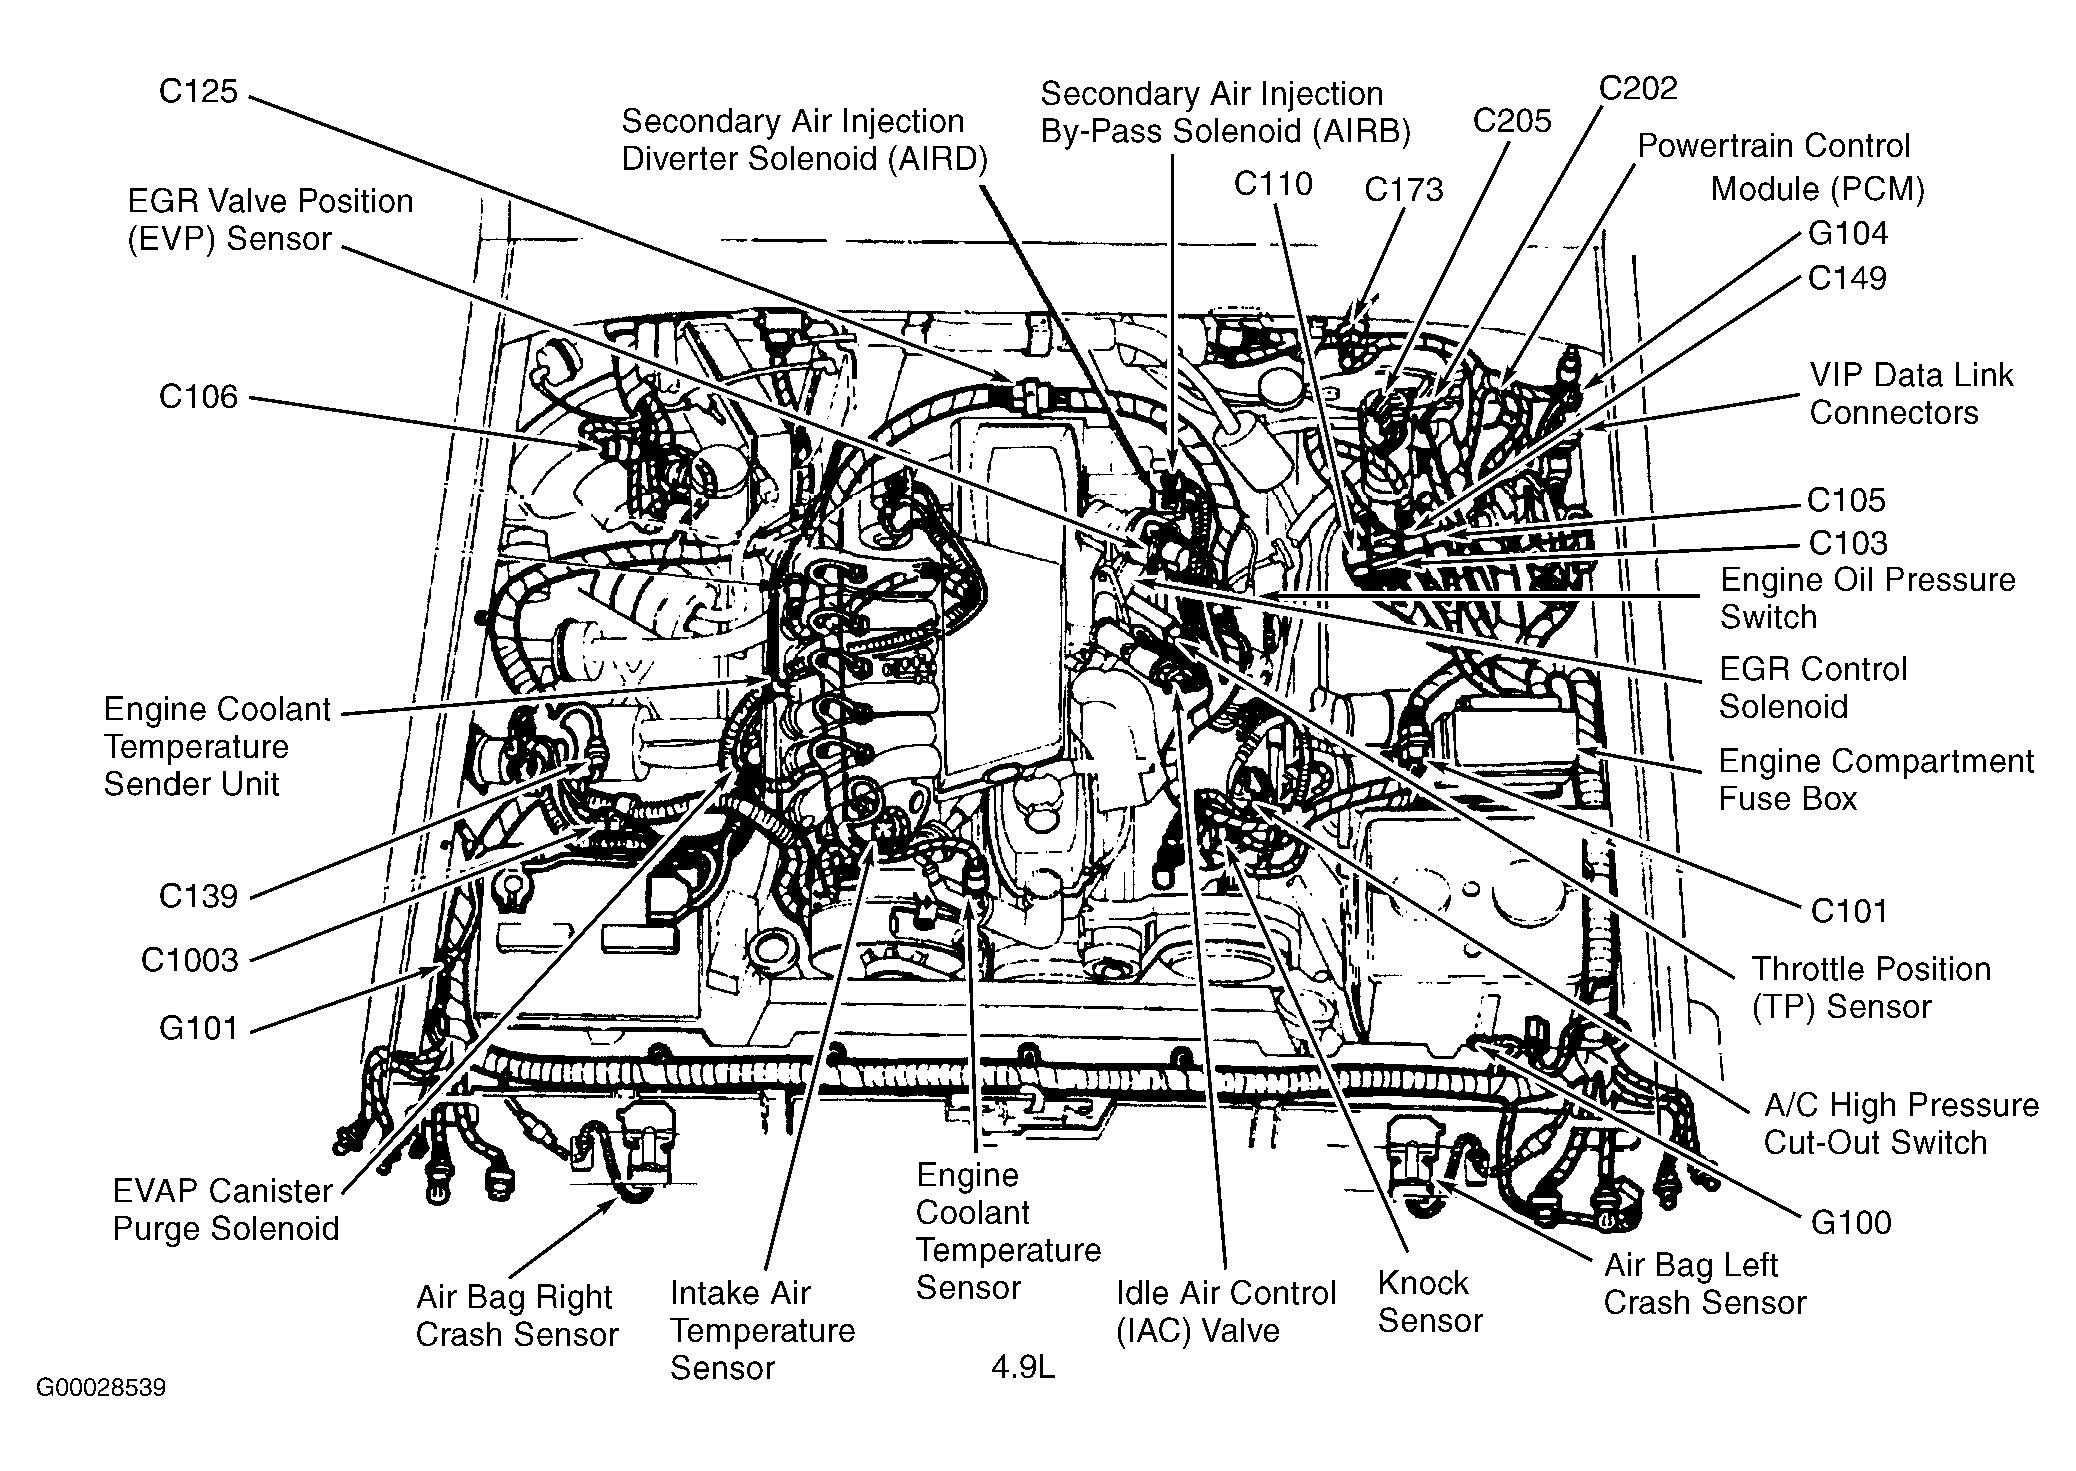 1998 Lexus Es300 Engine Diagram Lexus E300 1995 Wiring Diagram Wiring Diagram Data today Of 1998 Lexus Es300 Engine Diagram